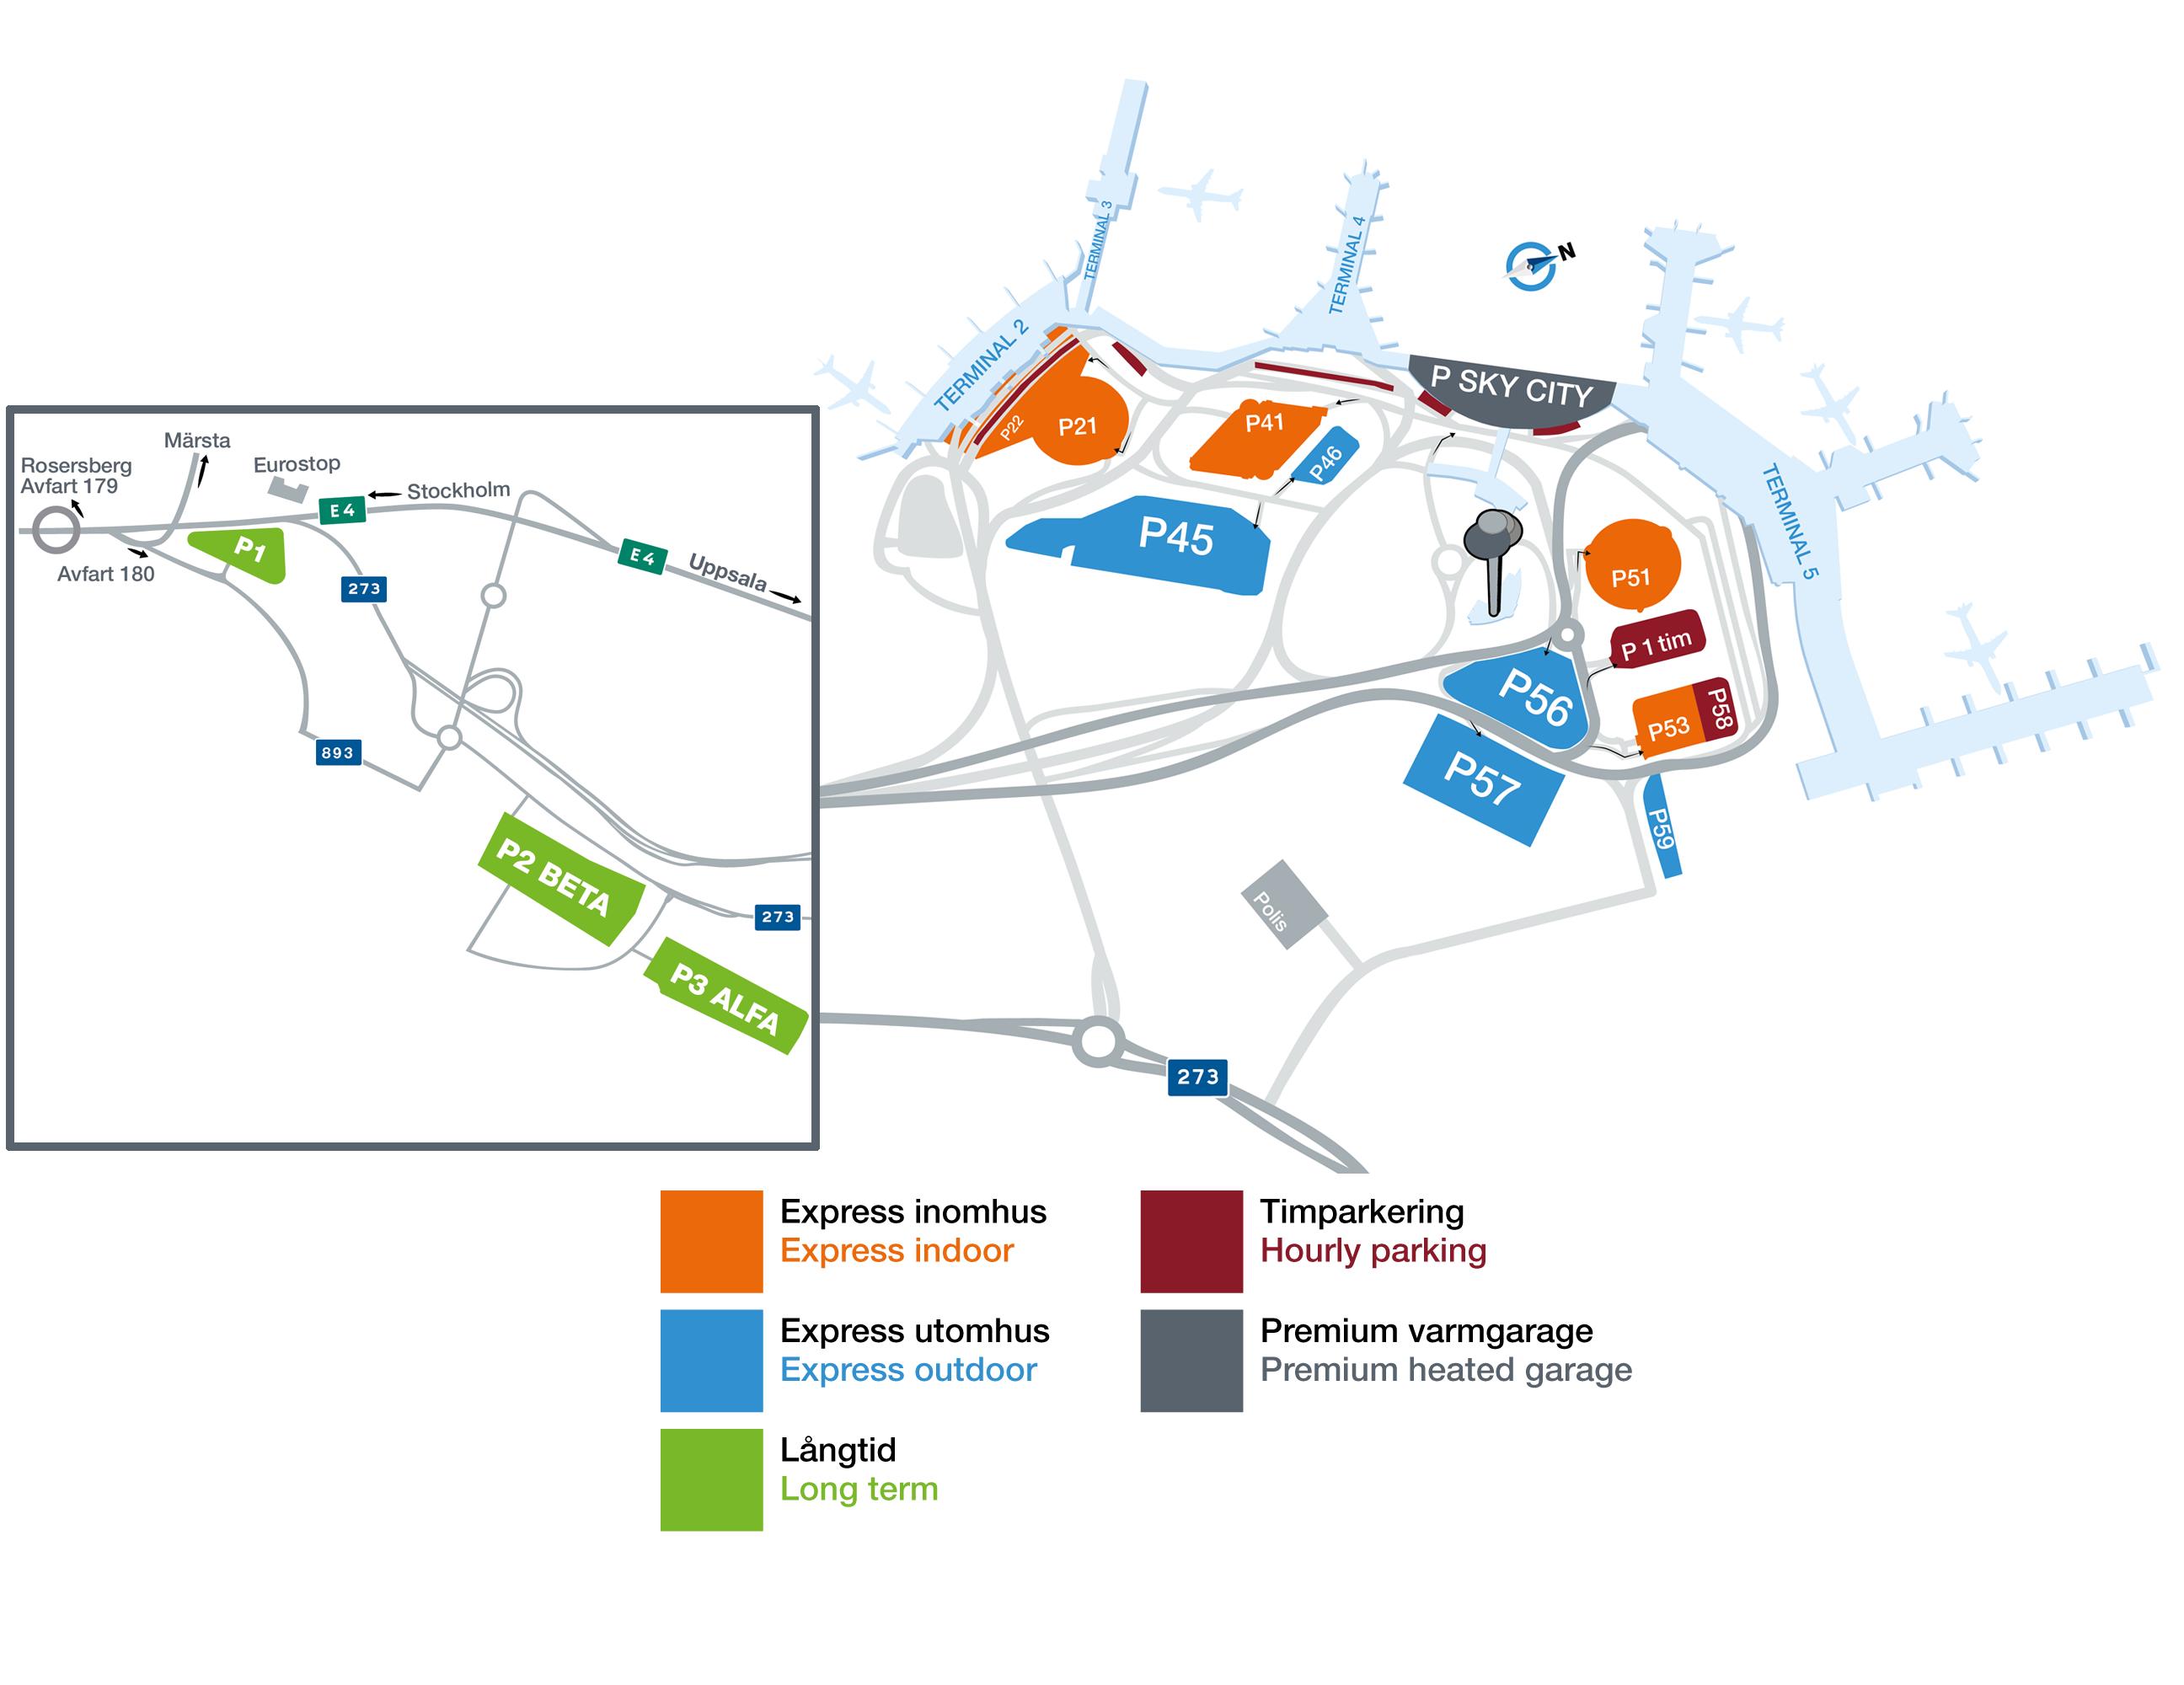 Karta Parkeringstaxa Stockholm.Parking Stockholm Arlanda Airport